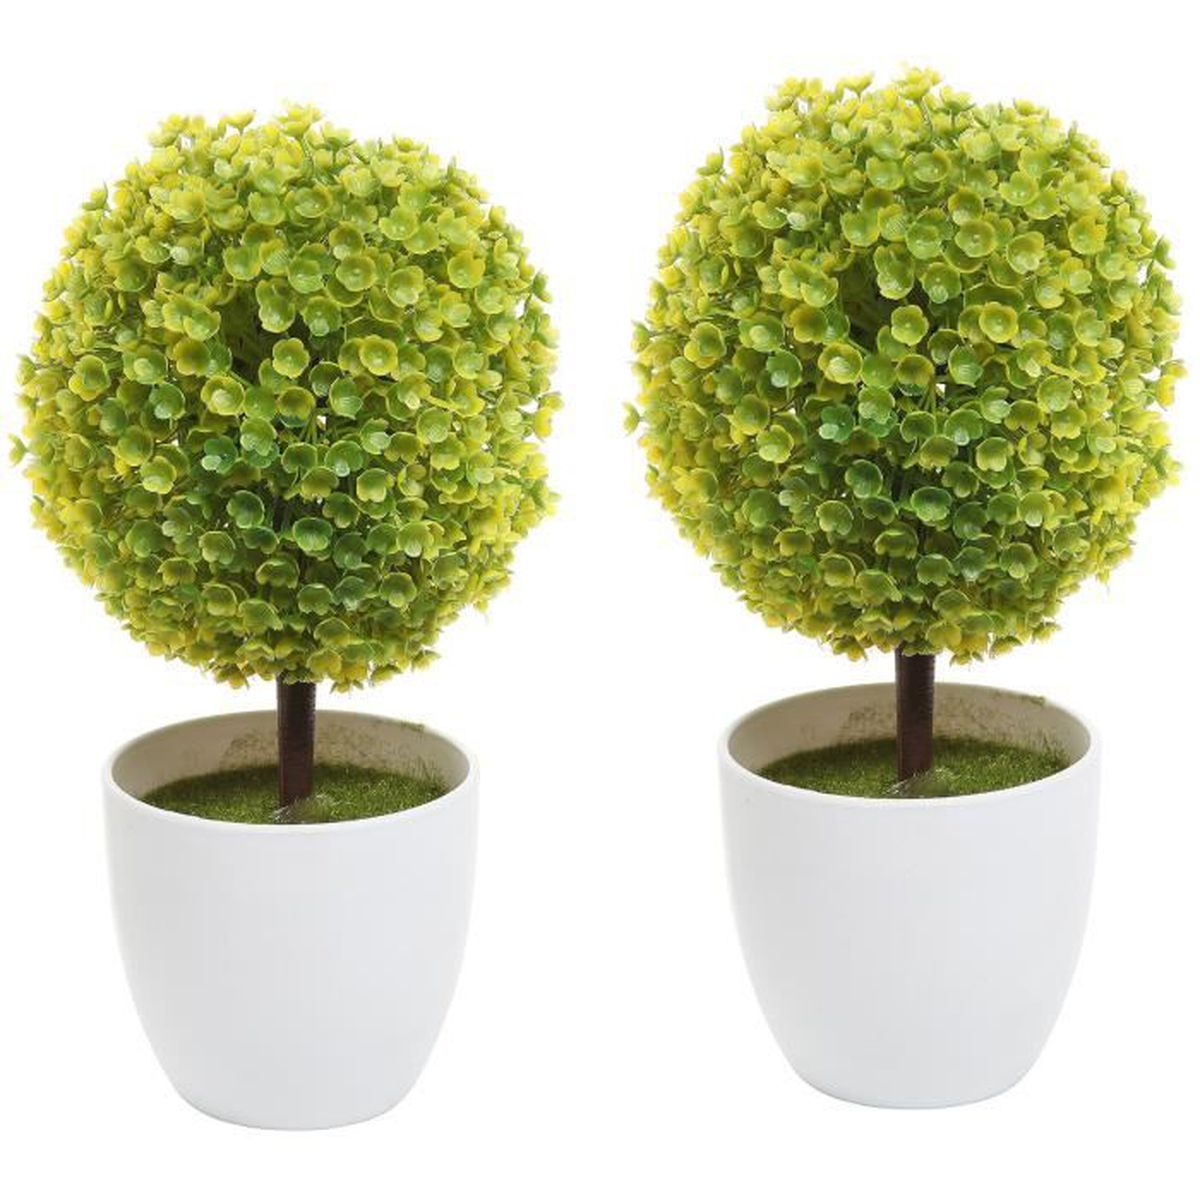 Pot De Fleur Artificielle : lot de 2 pots fleurs artificielles imitation plateau fleur plante topiaire en pot w blanc ~ Teatrodelosmanantiales.com Idées de Décoration